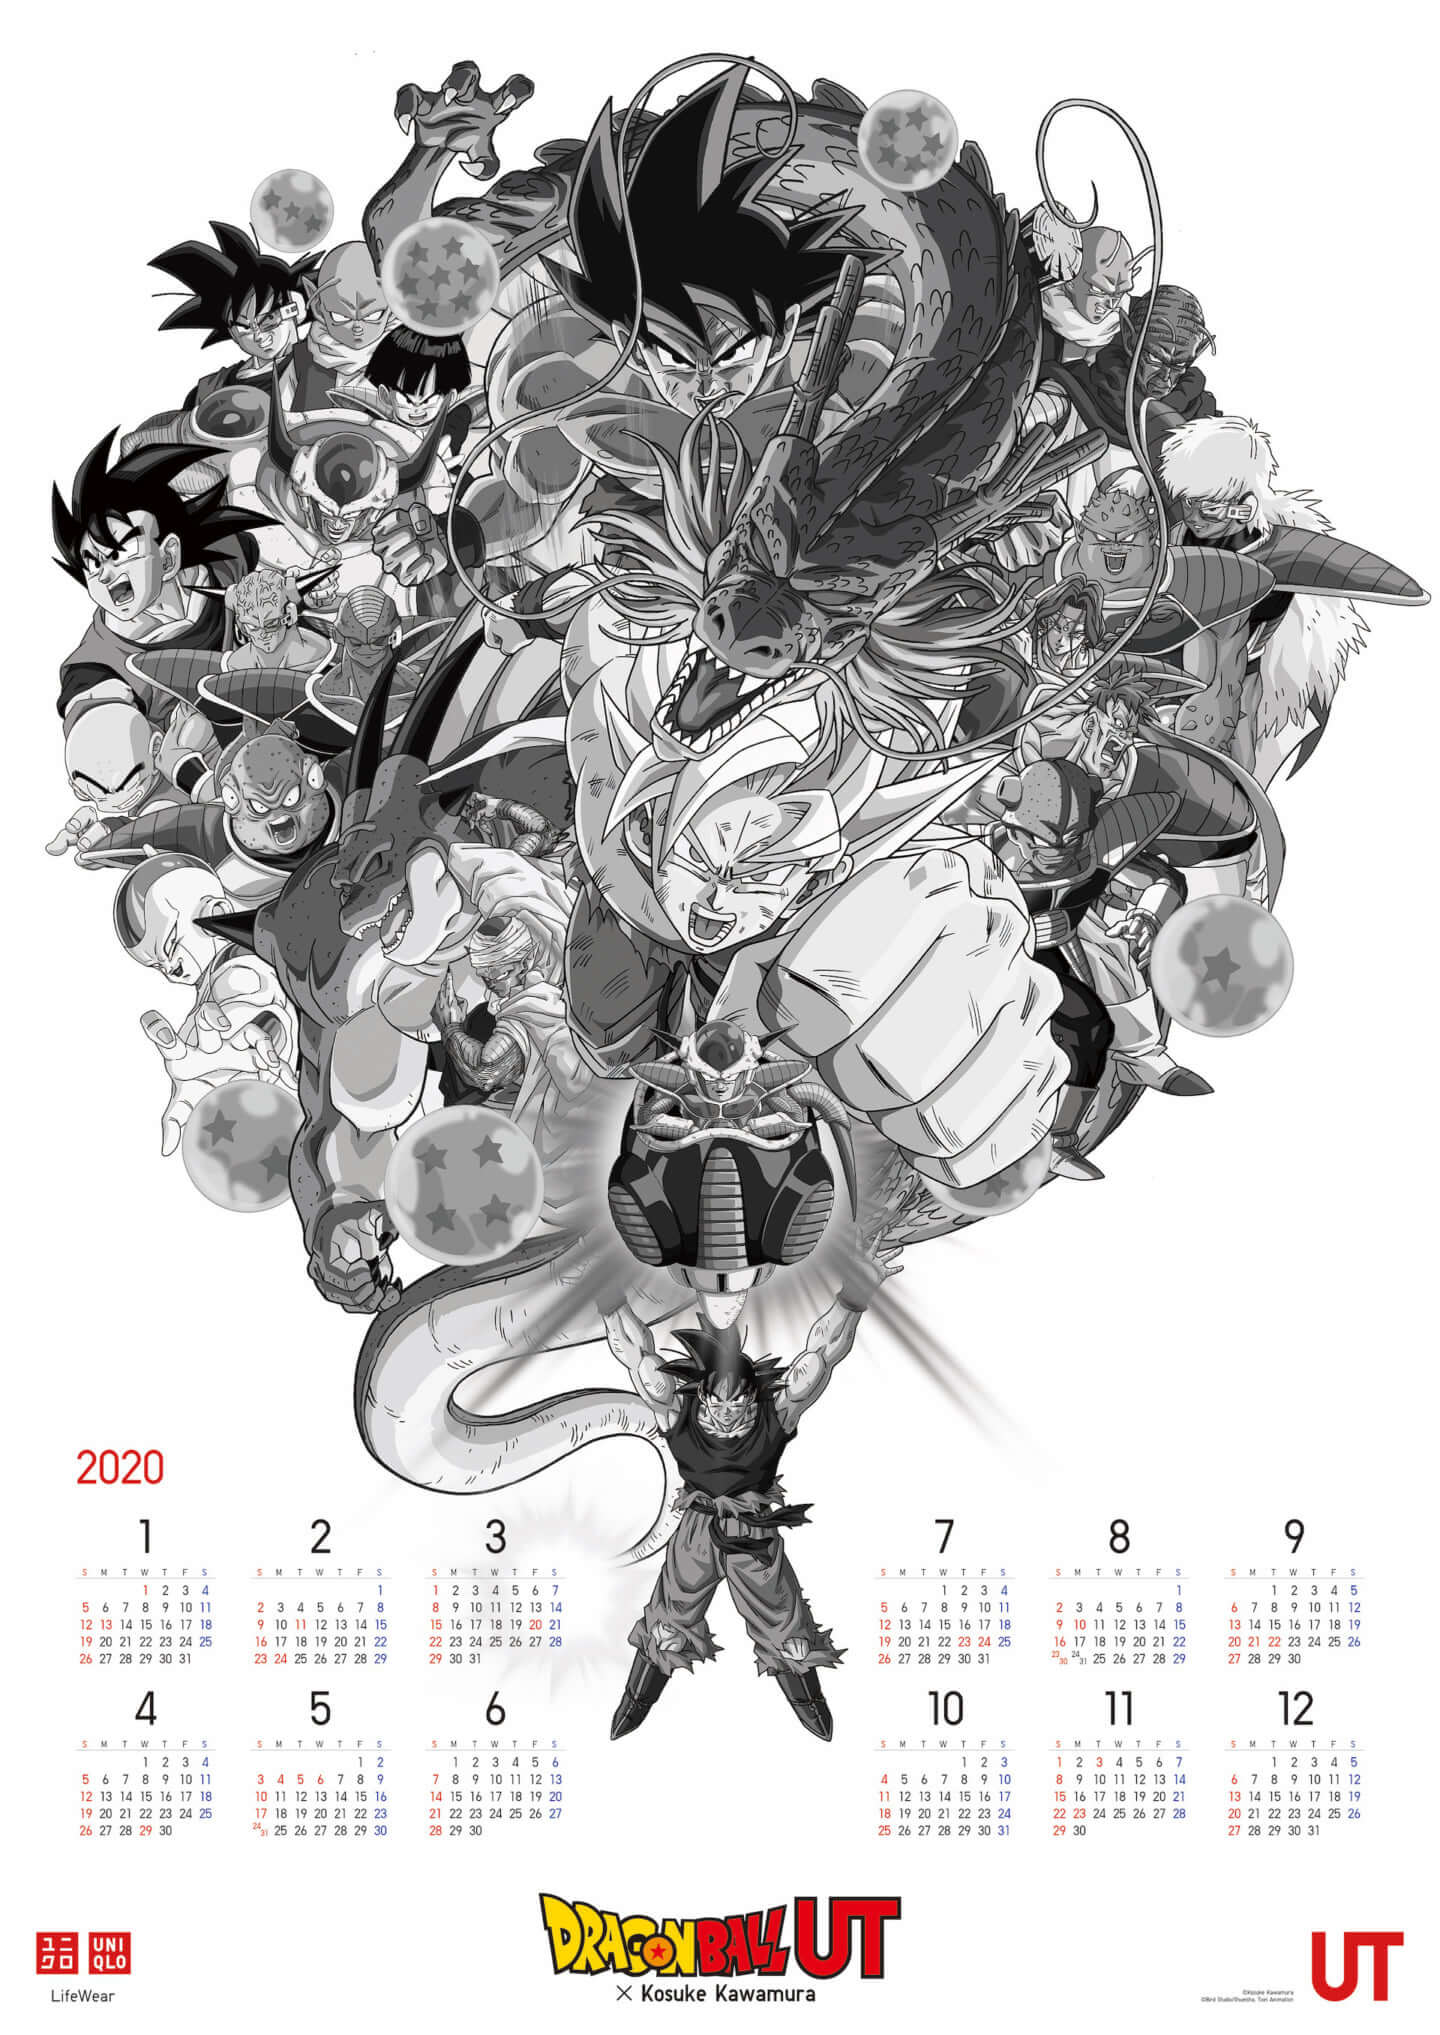 ユニクロUT×ドラゴンボールTシャツ発売日決定!スペシャルムービーが本日から公開 lifefashion191101_dragonballut_01-1-1440x2035